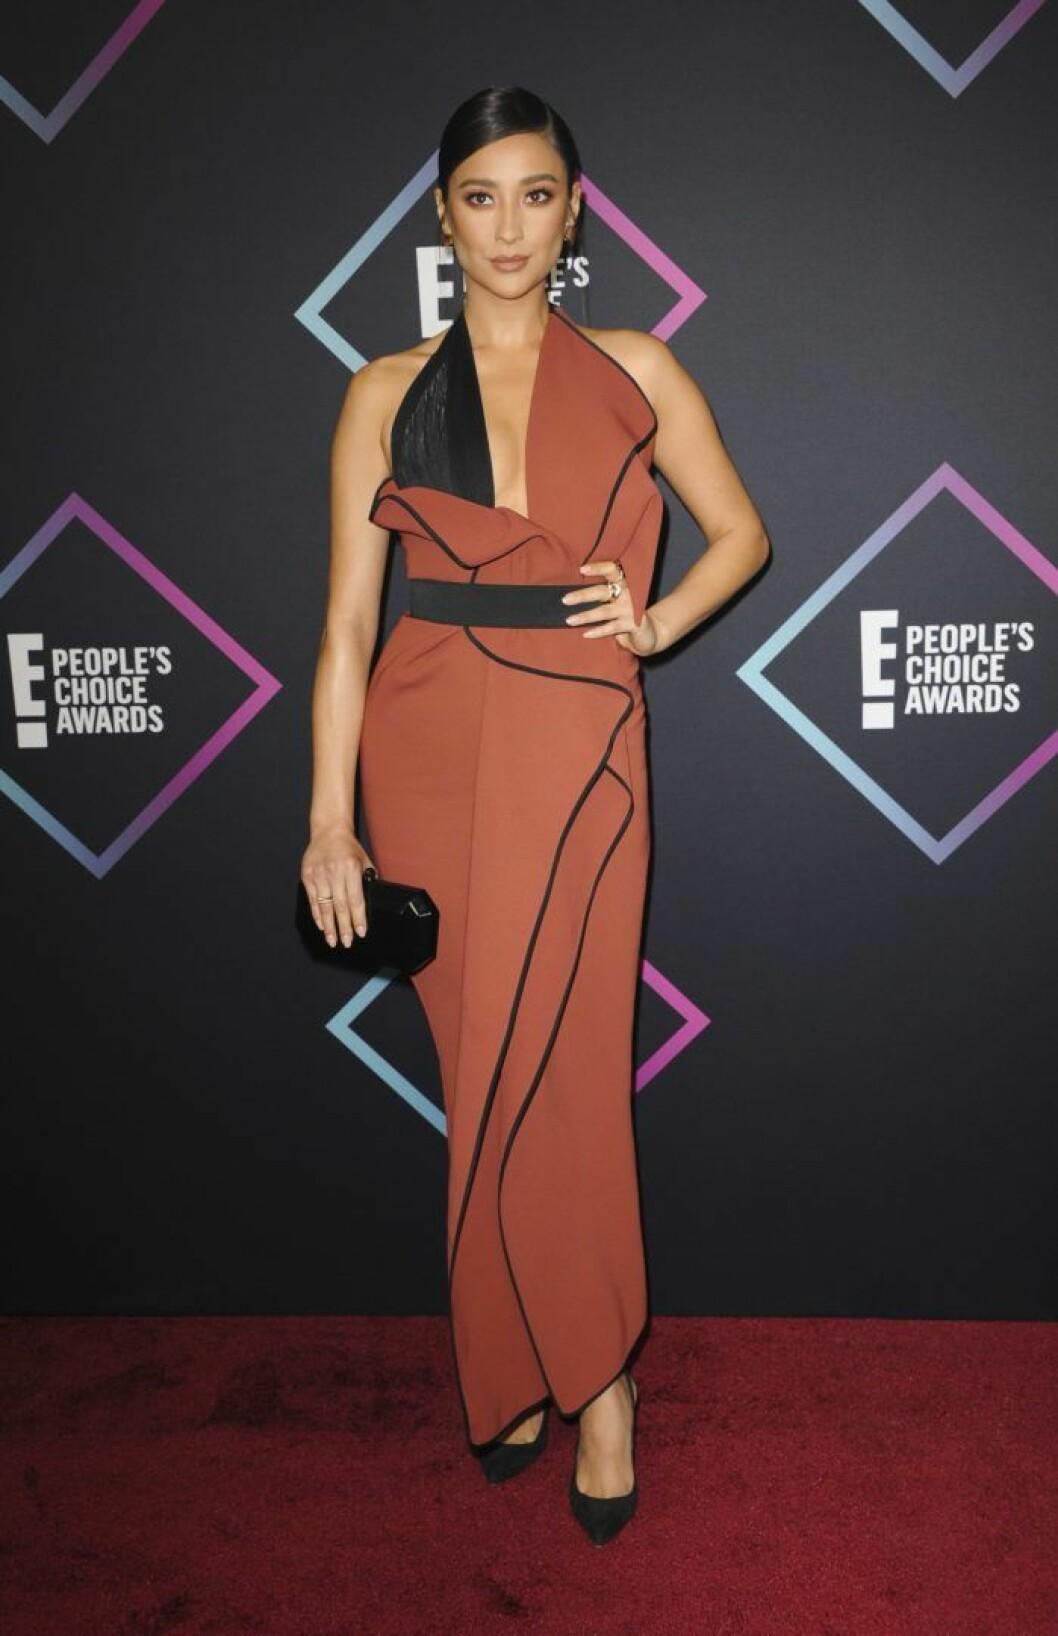 Skådespelerskan Shay Mitchell, känd från serien Pretty Little Liars bar en kombination av dovt rostrött och svart.